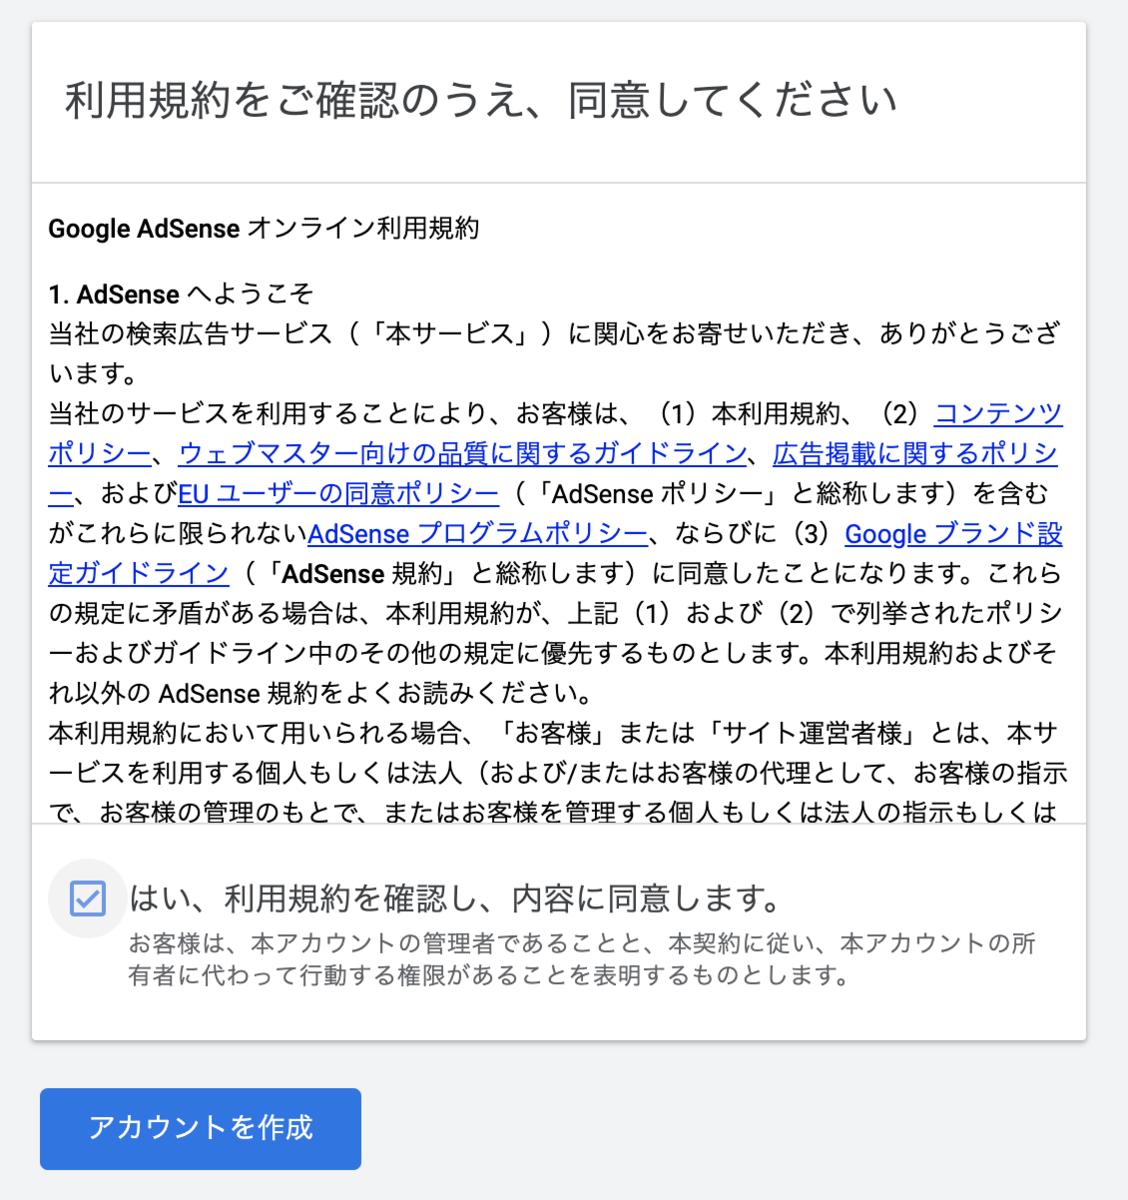 Google アドセンスお申し込み確認画面スクリーンショットの続き